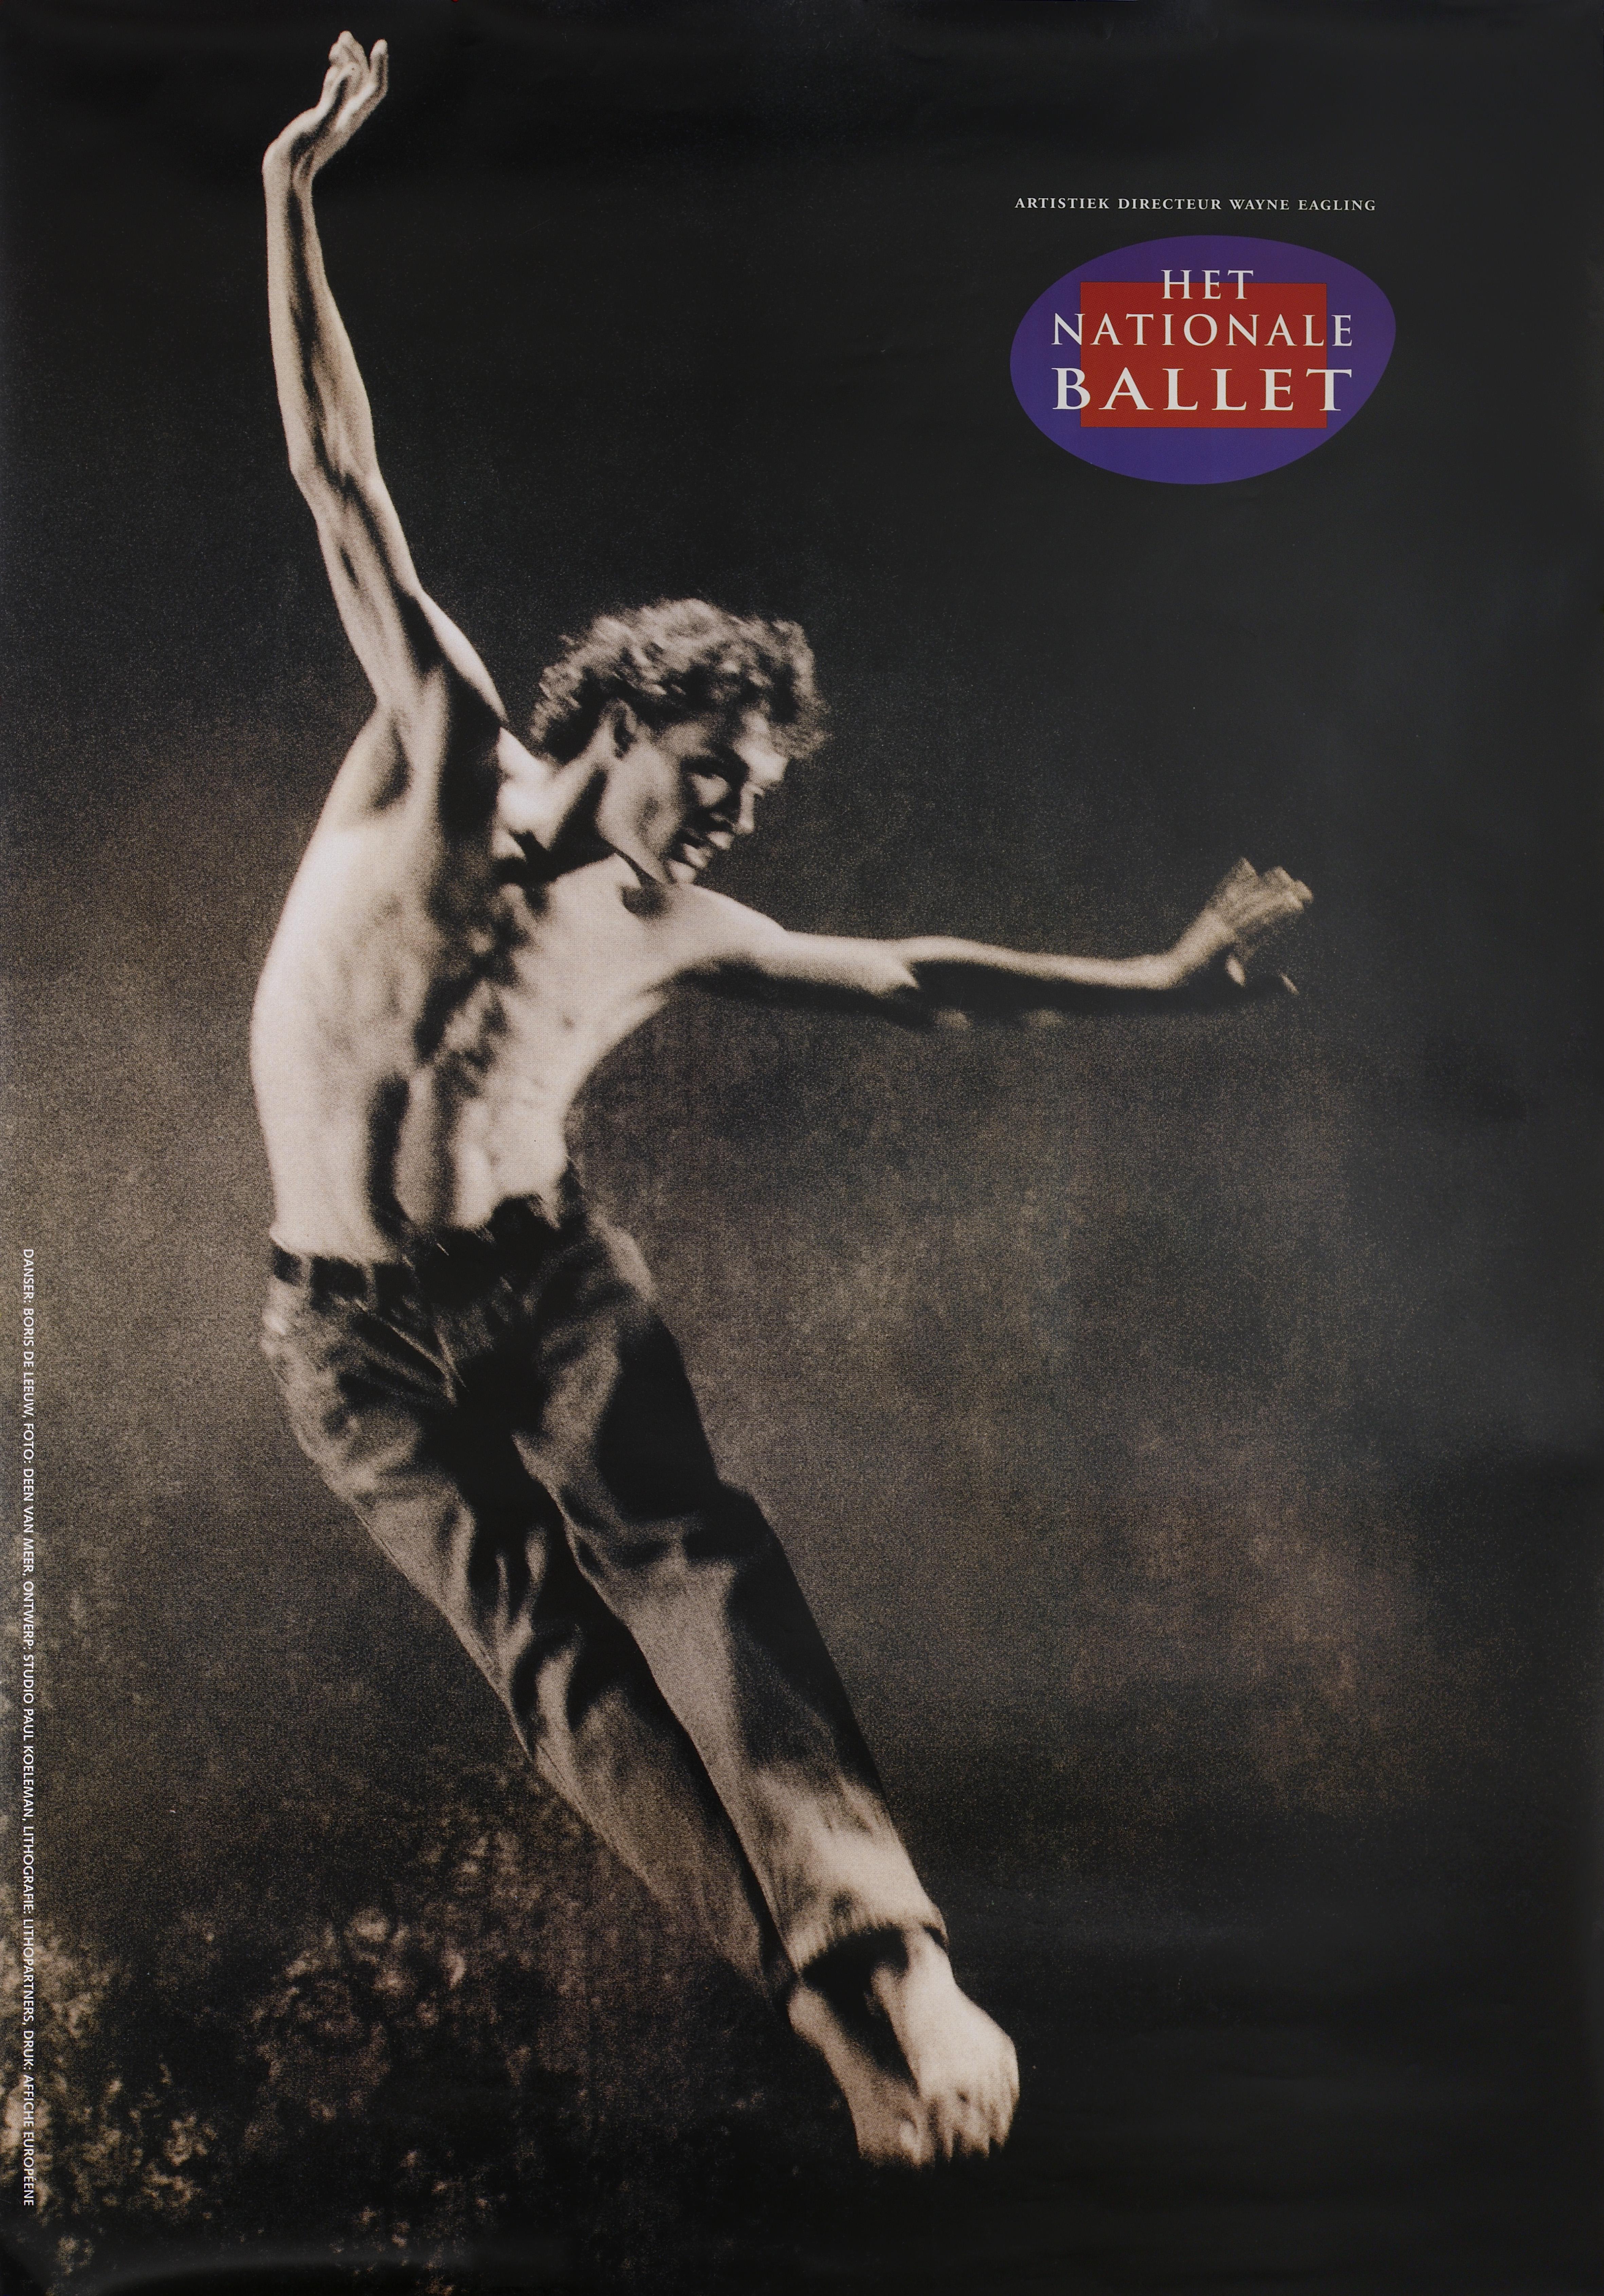 Affiche - Het Nationale Ballet - Boris de Leeuw